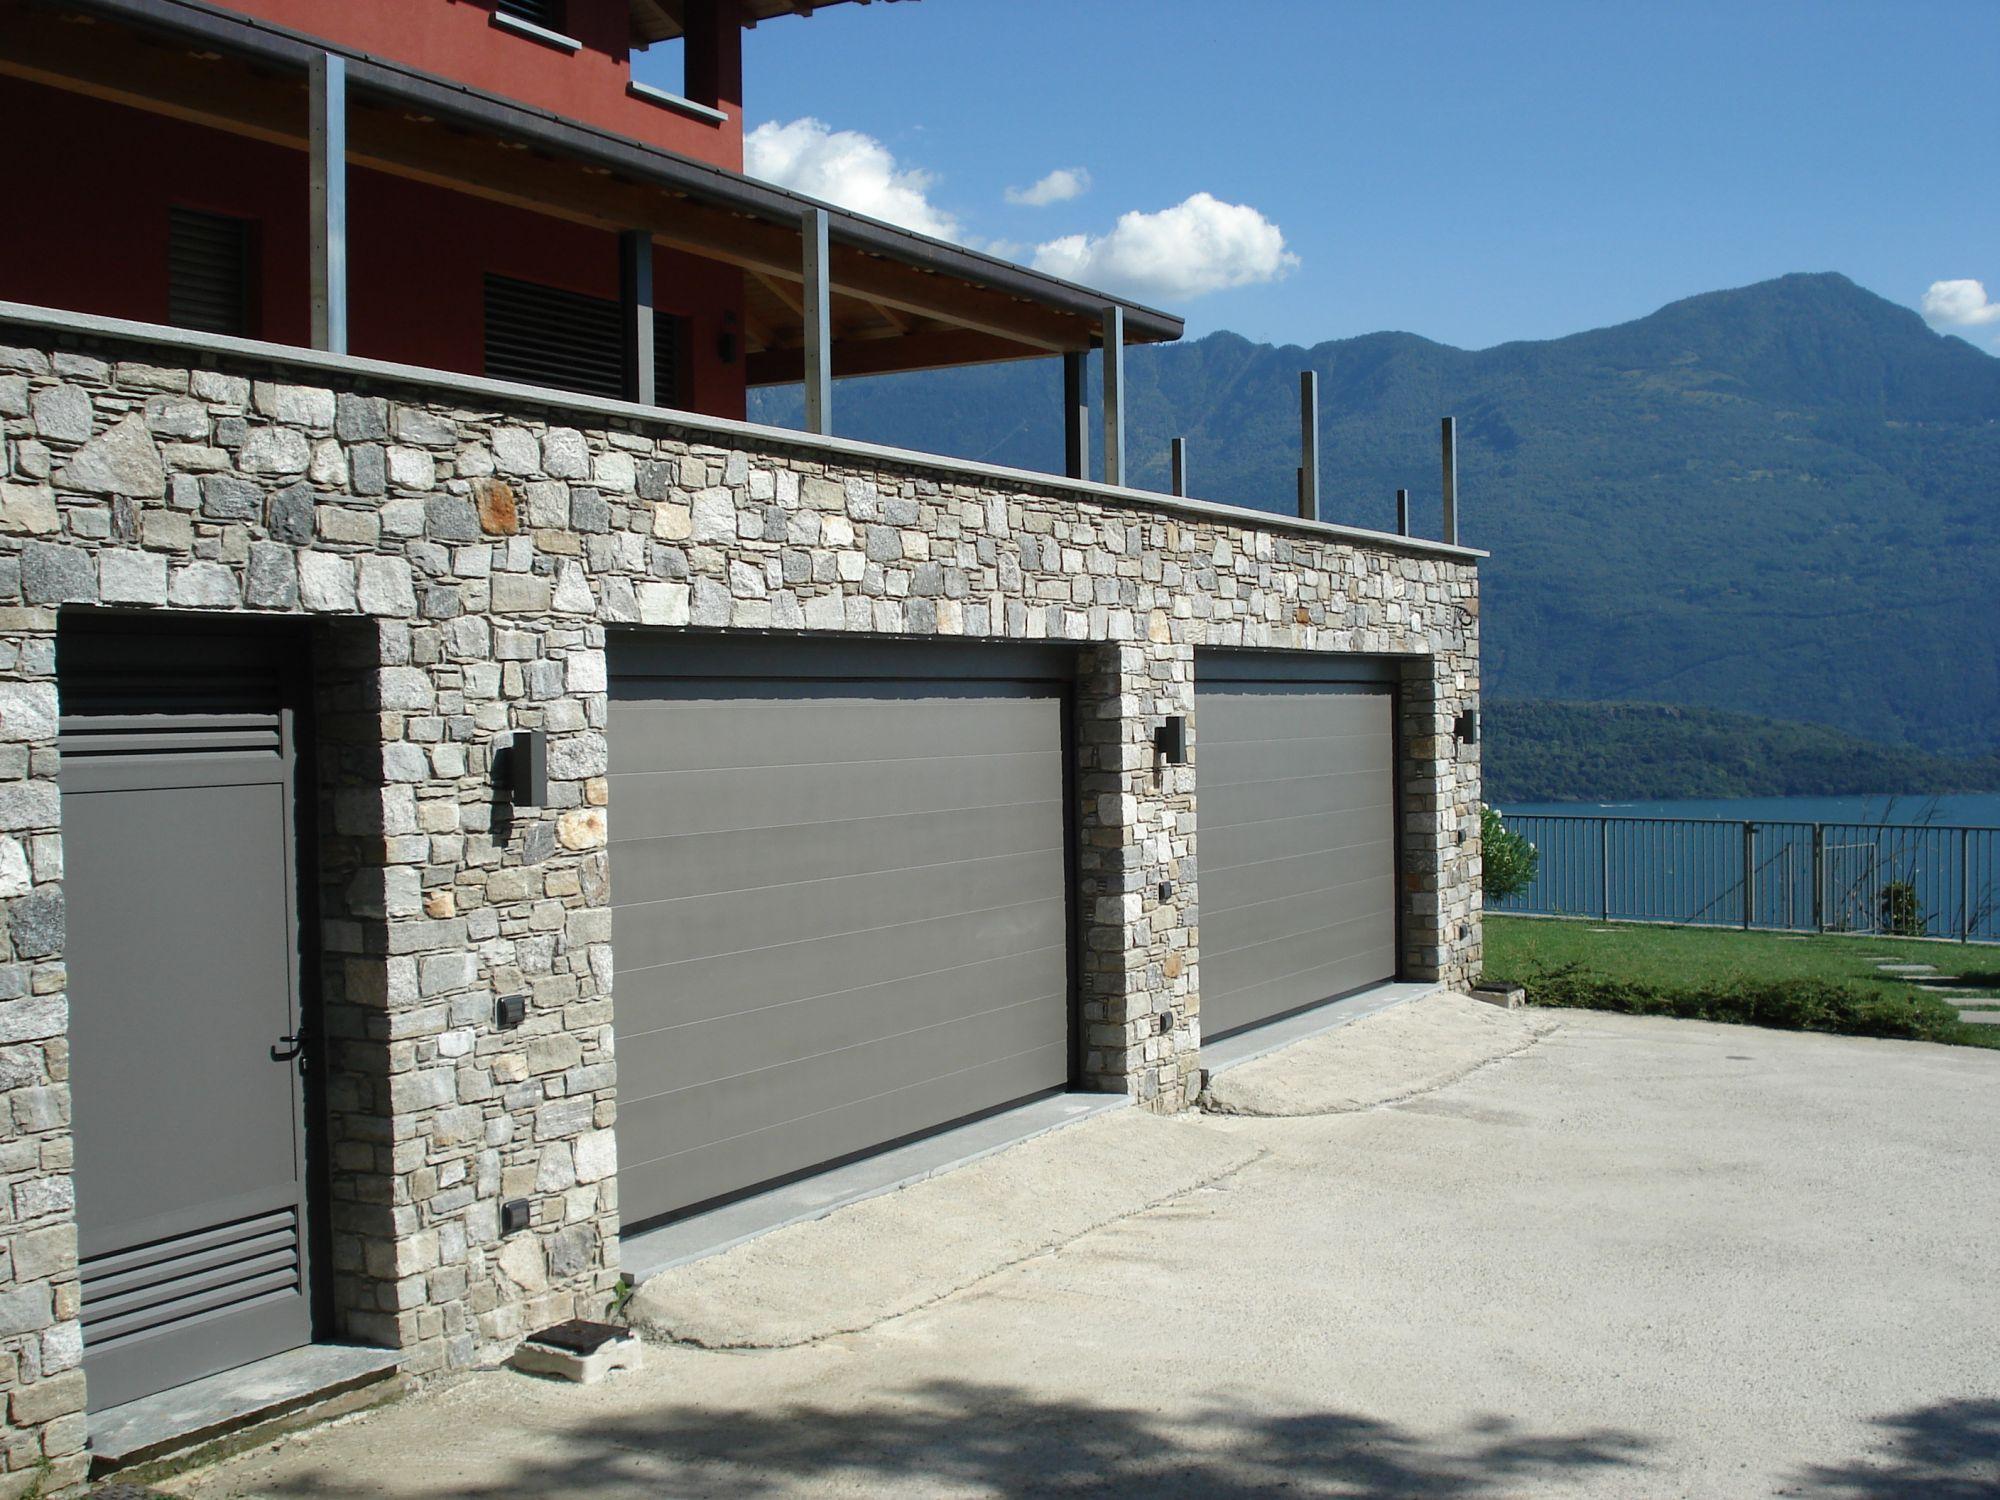 Porte sezionali bbg per garage panizza sistemi di apertura - Porta automatica prezzo ...